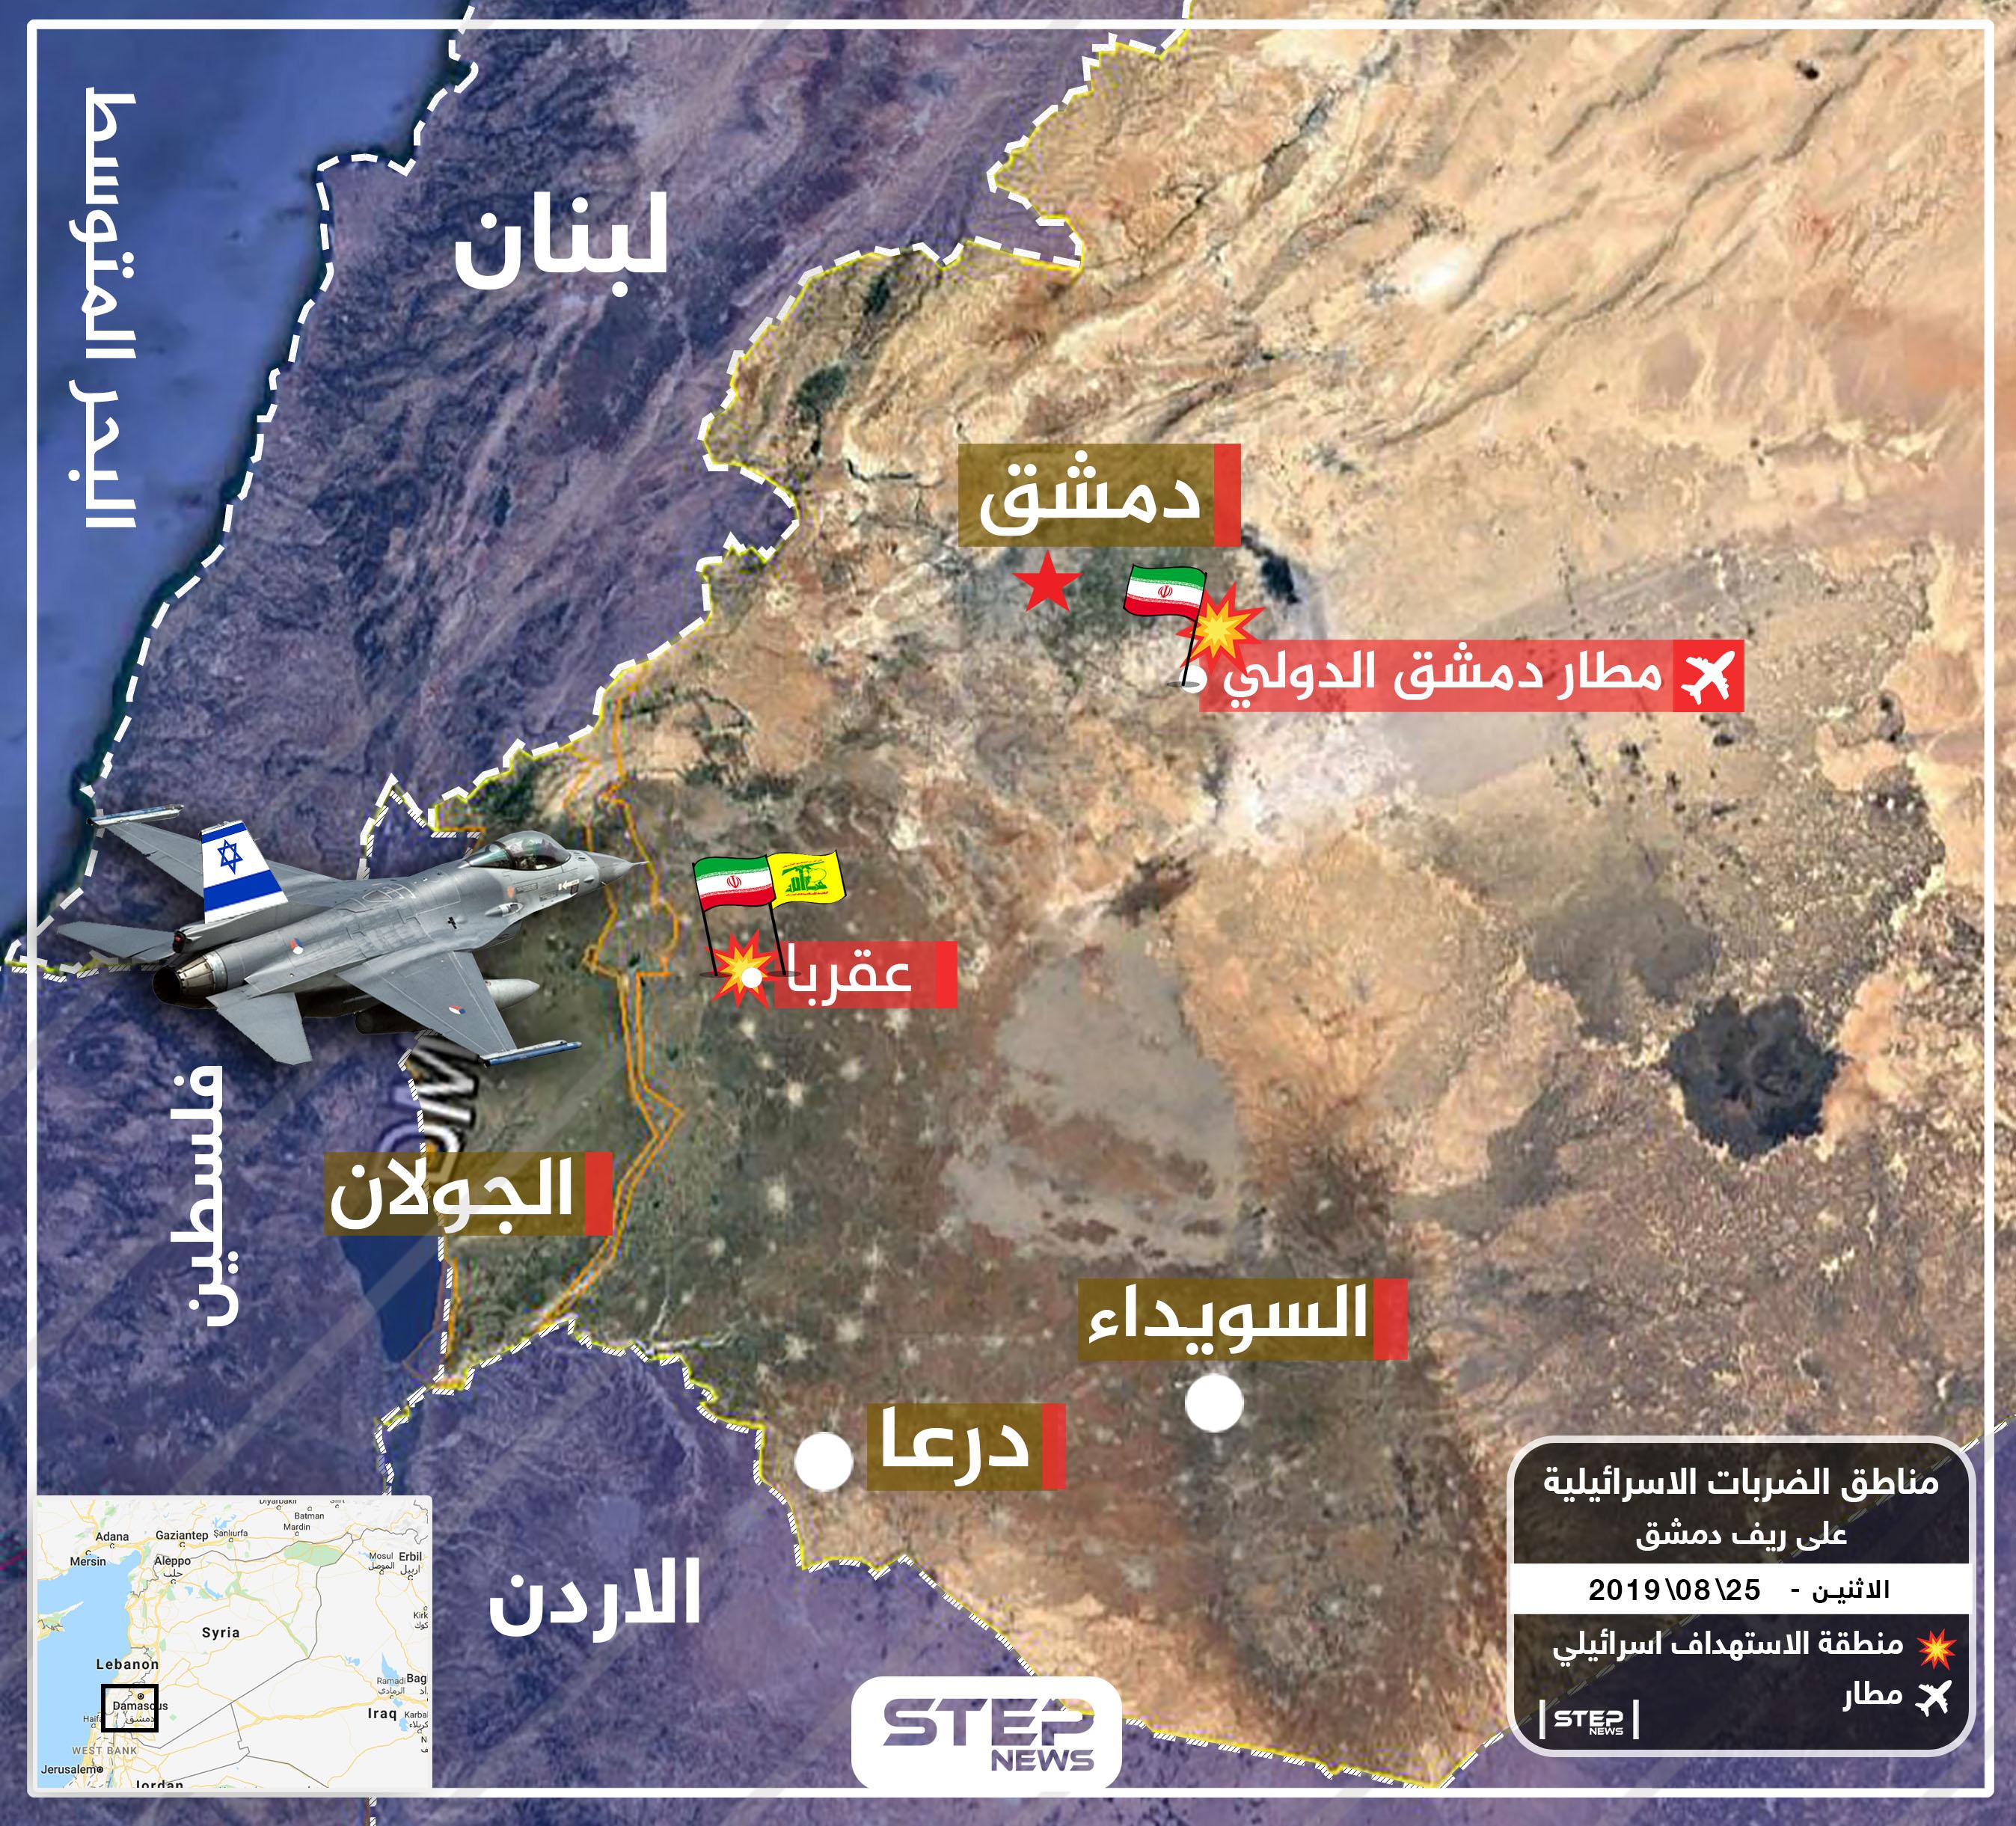 شاهد بالخريطة المواقع الإيرانية المستهدفة بالقصف الإسرائيلي، ومسؤول إيراني ينفي